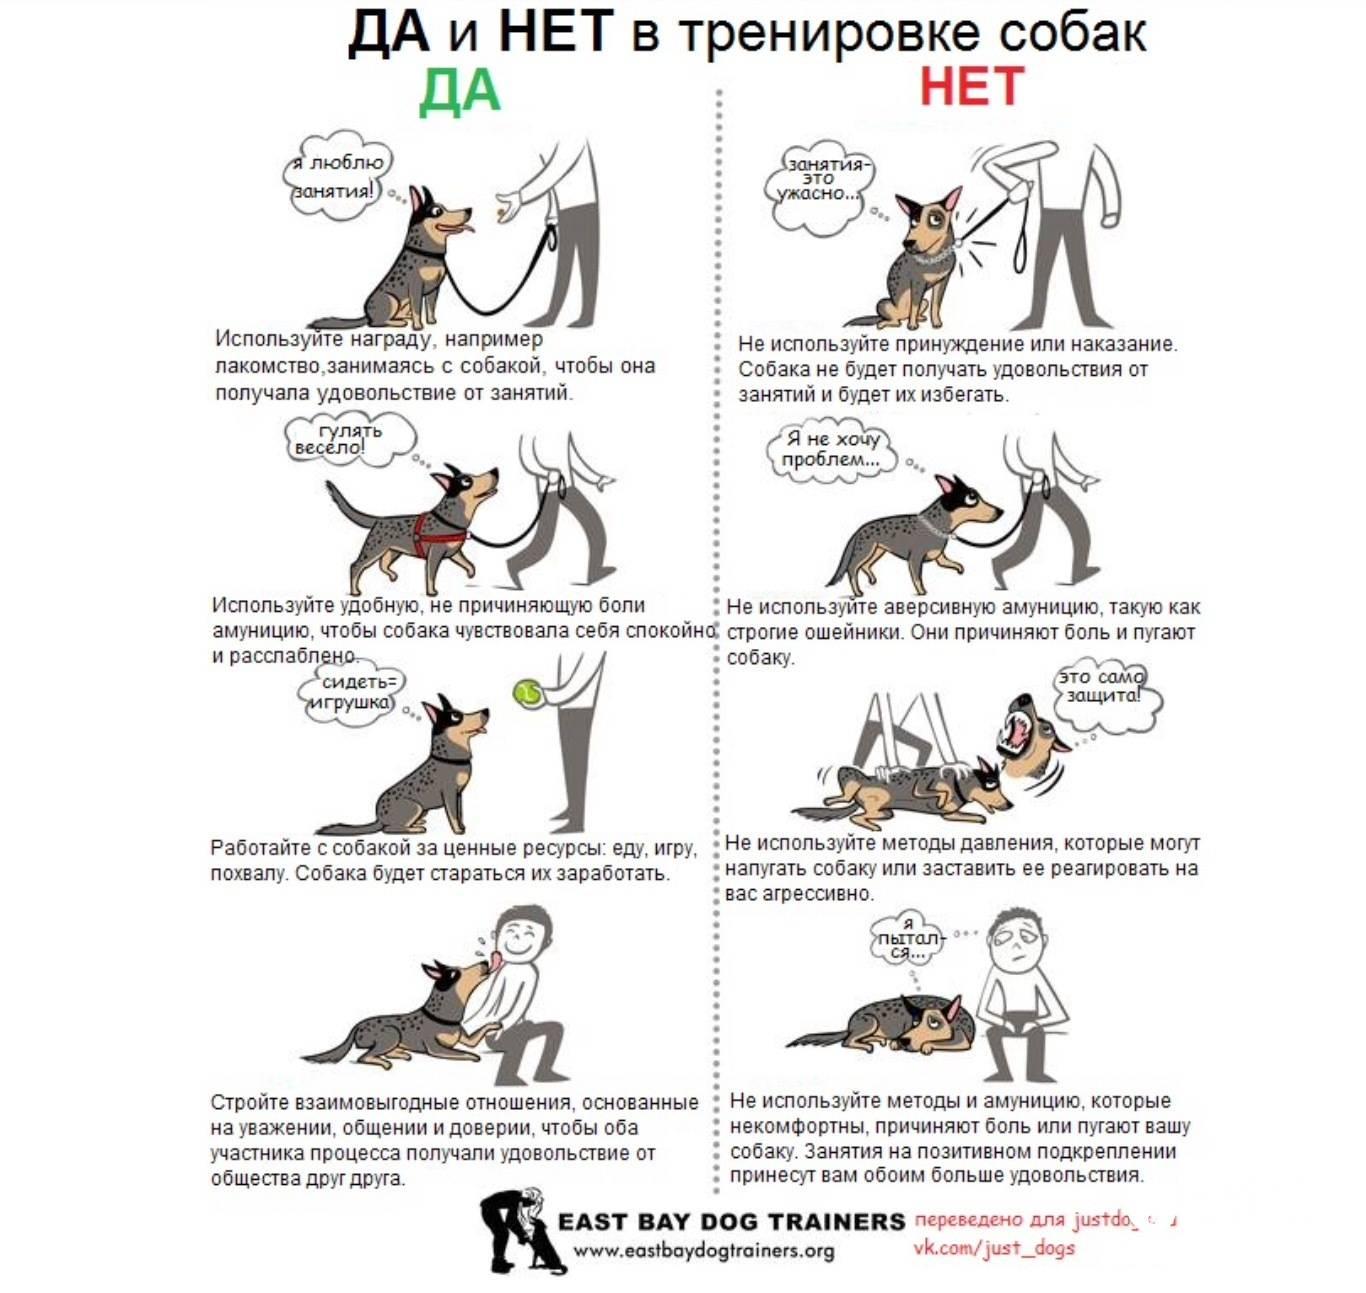 Как приучить собаку к цепи